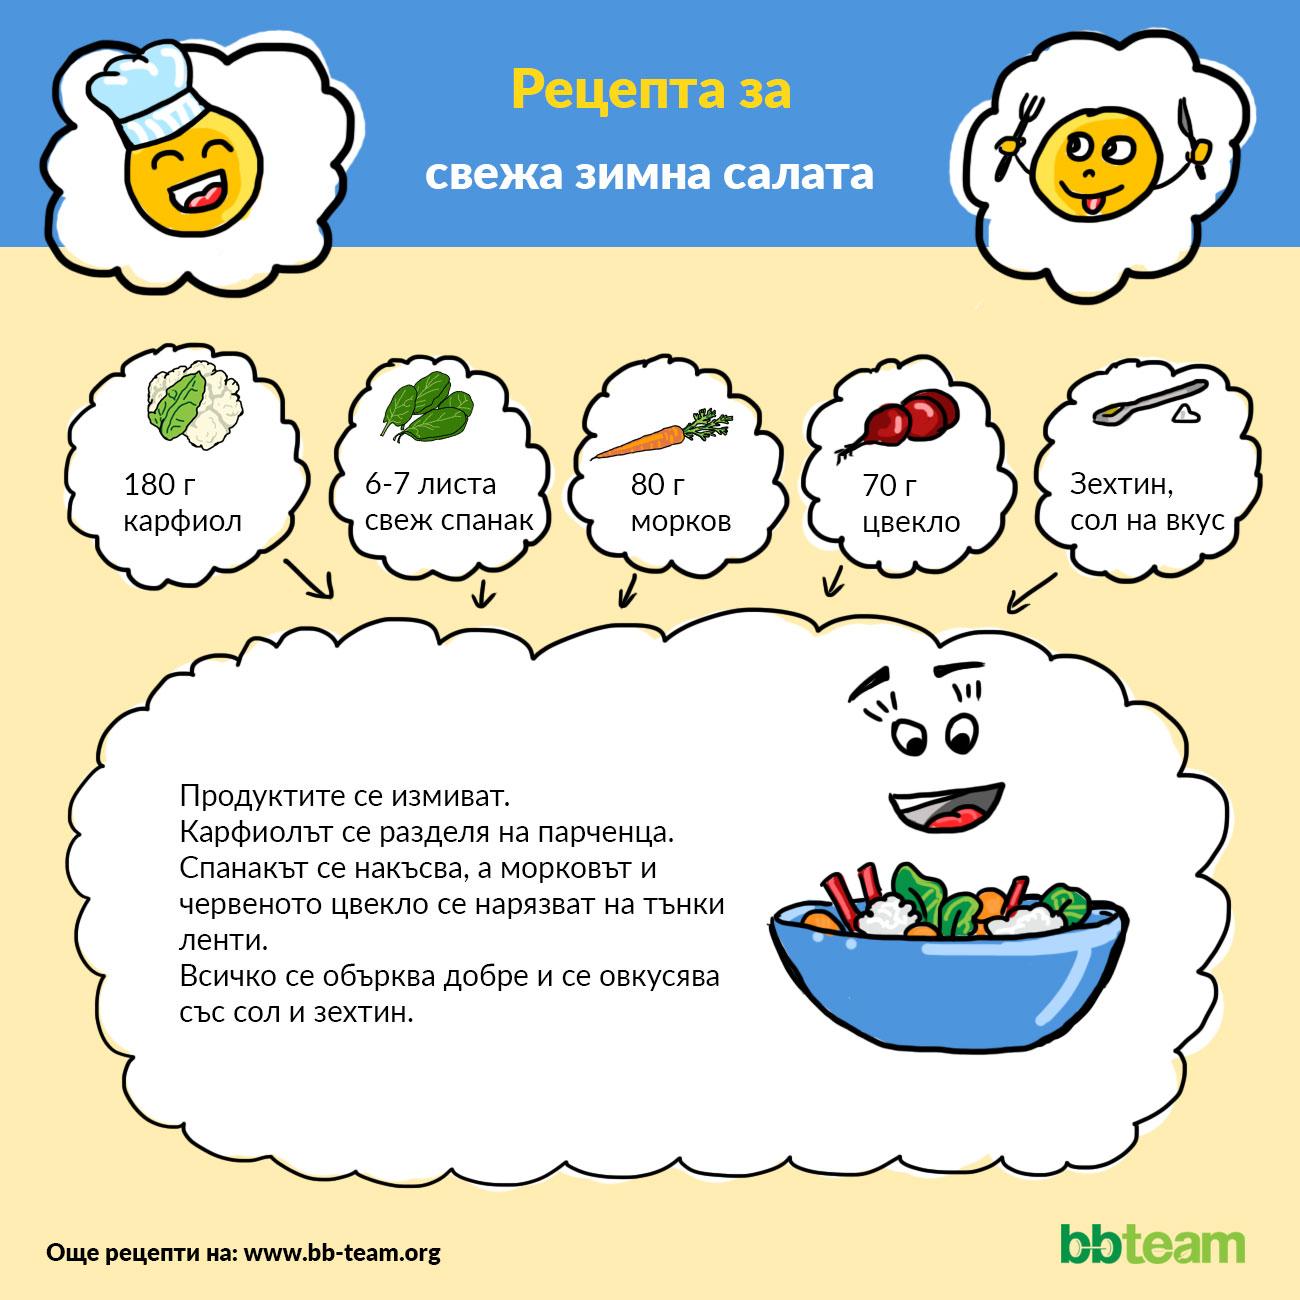 Рецепта за свежа зимна салата [инфографика]